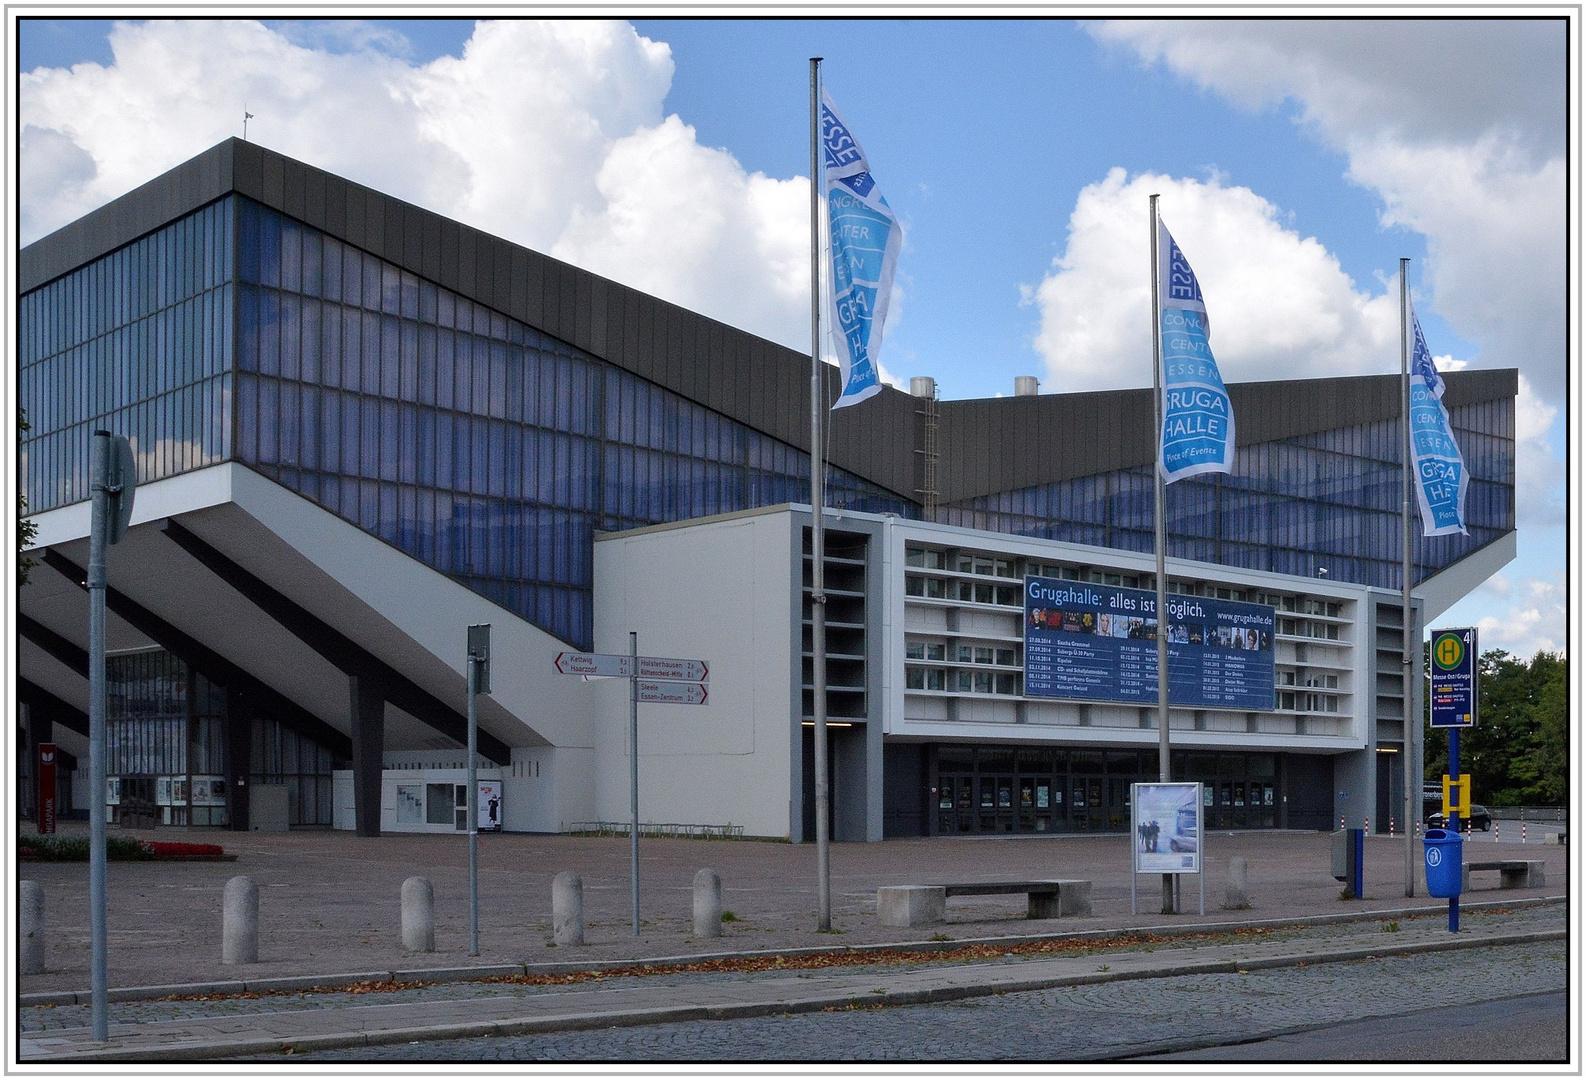 Architektur im Ruhrgebiet (1)